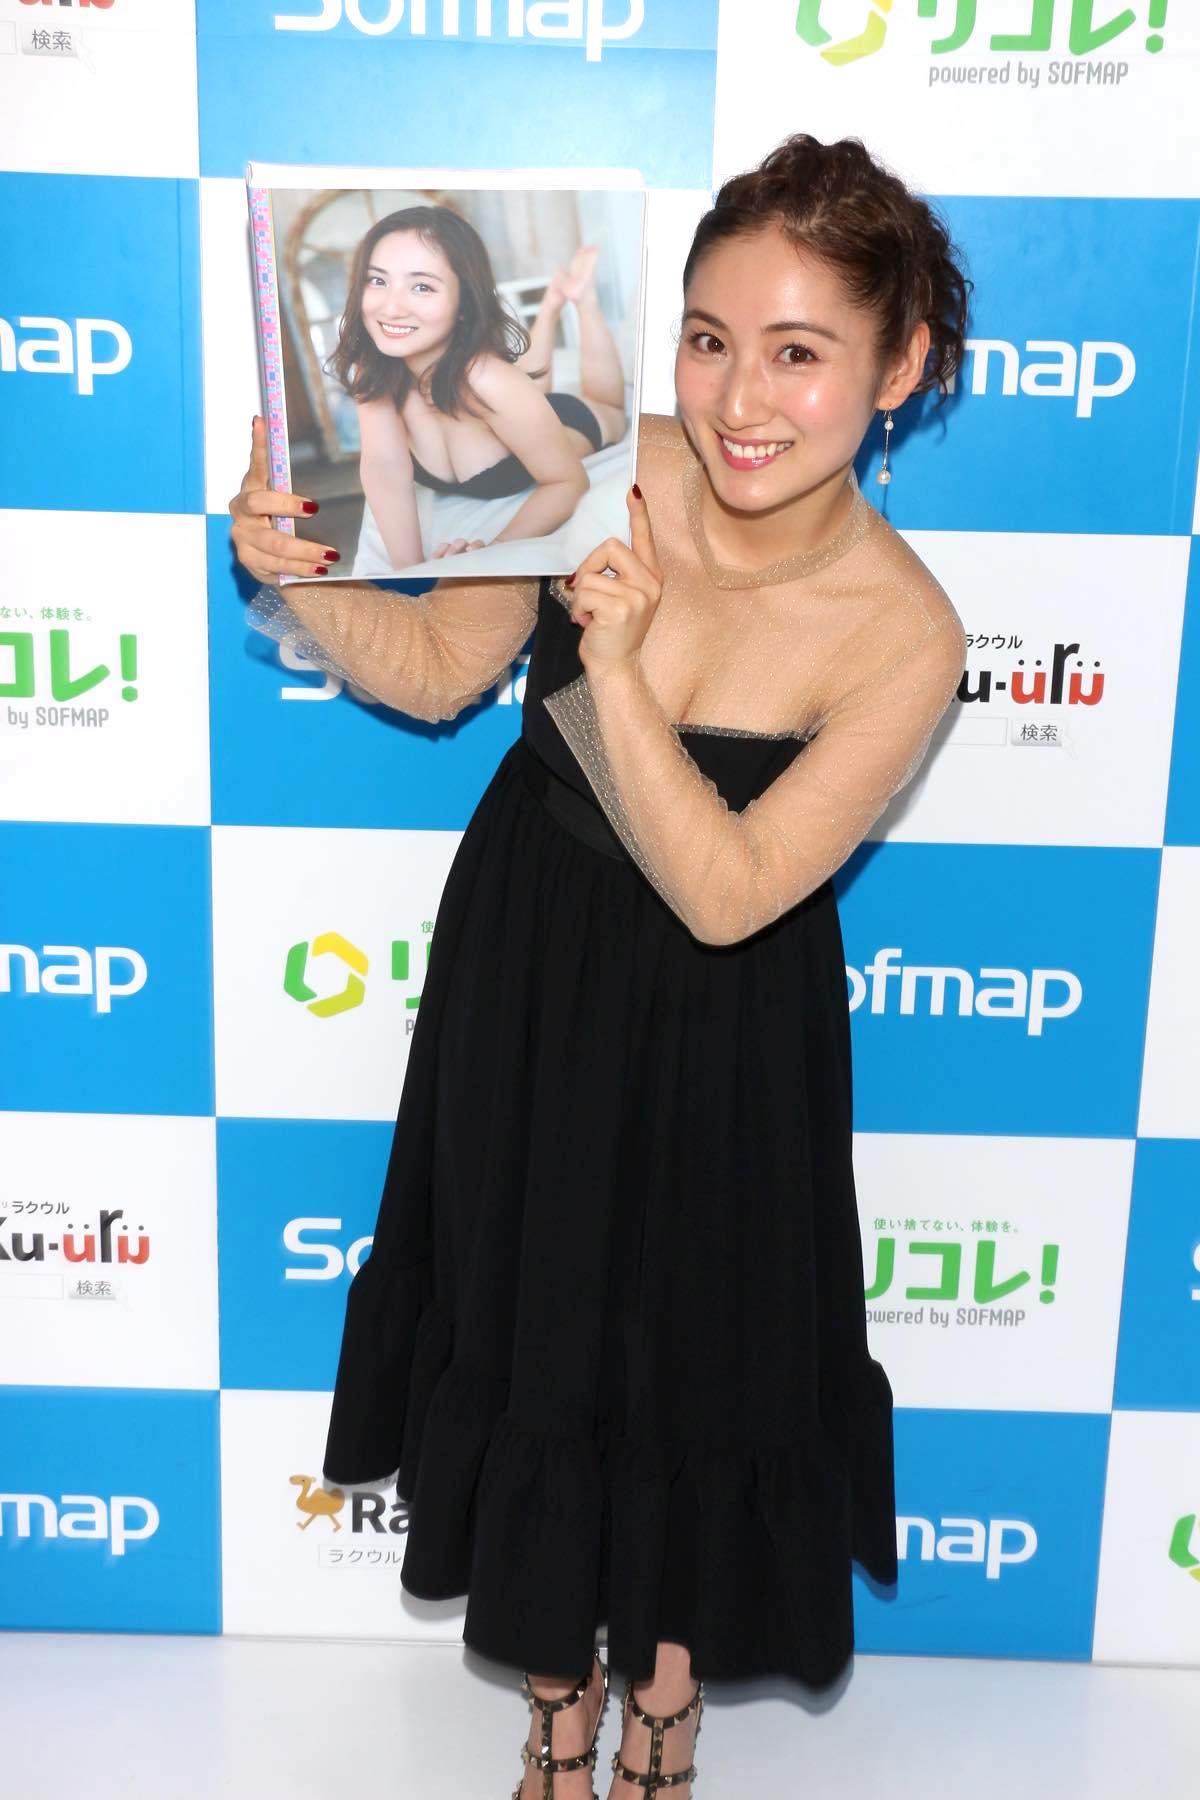 紗綾のグラビア水着ビキニ画像0034